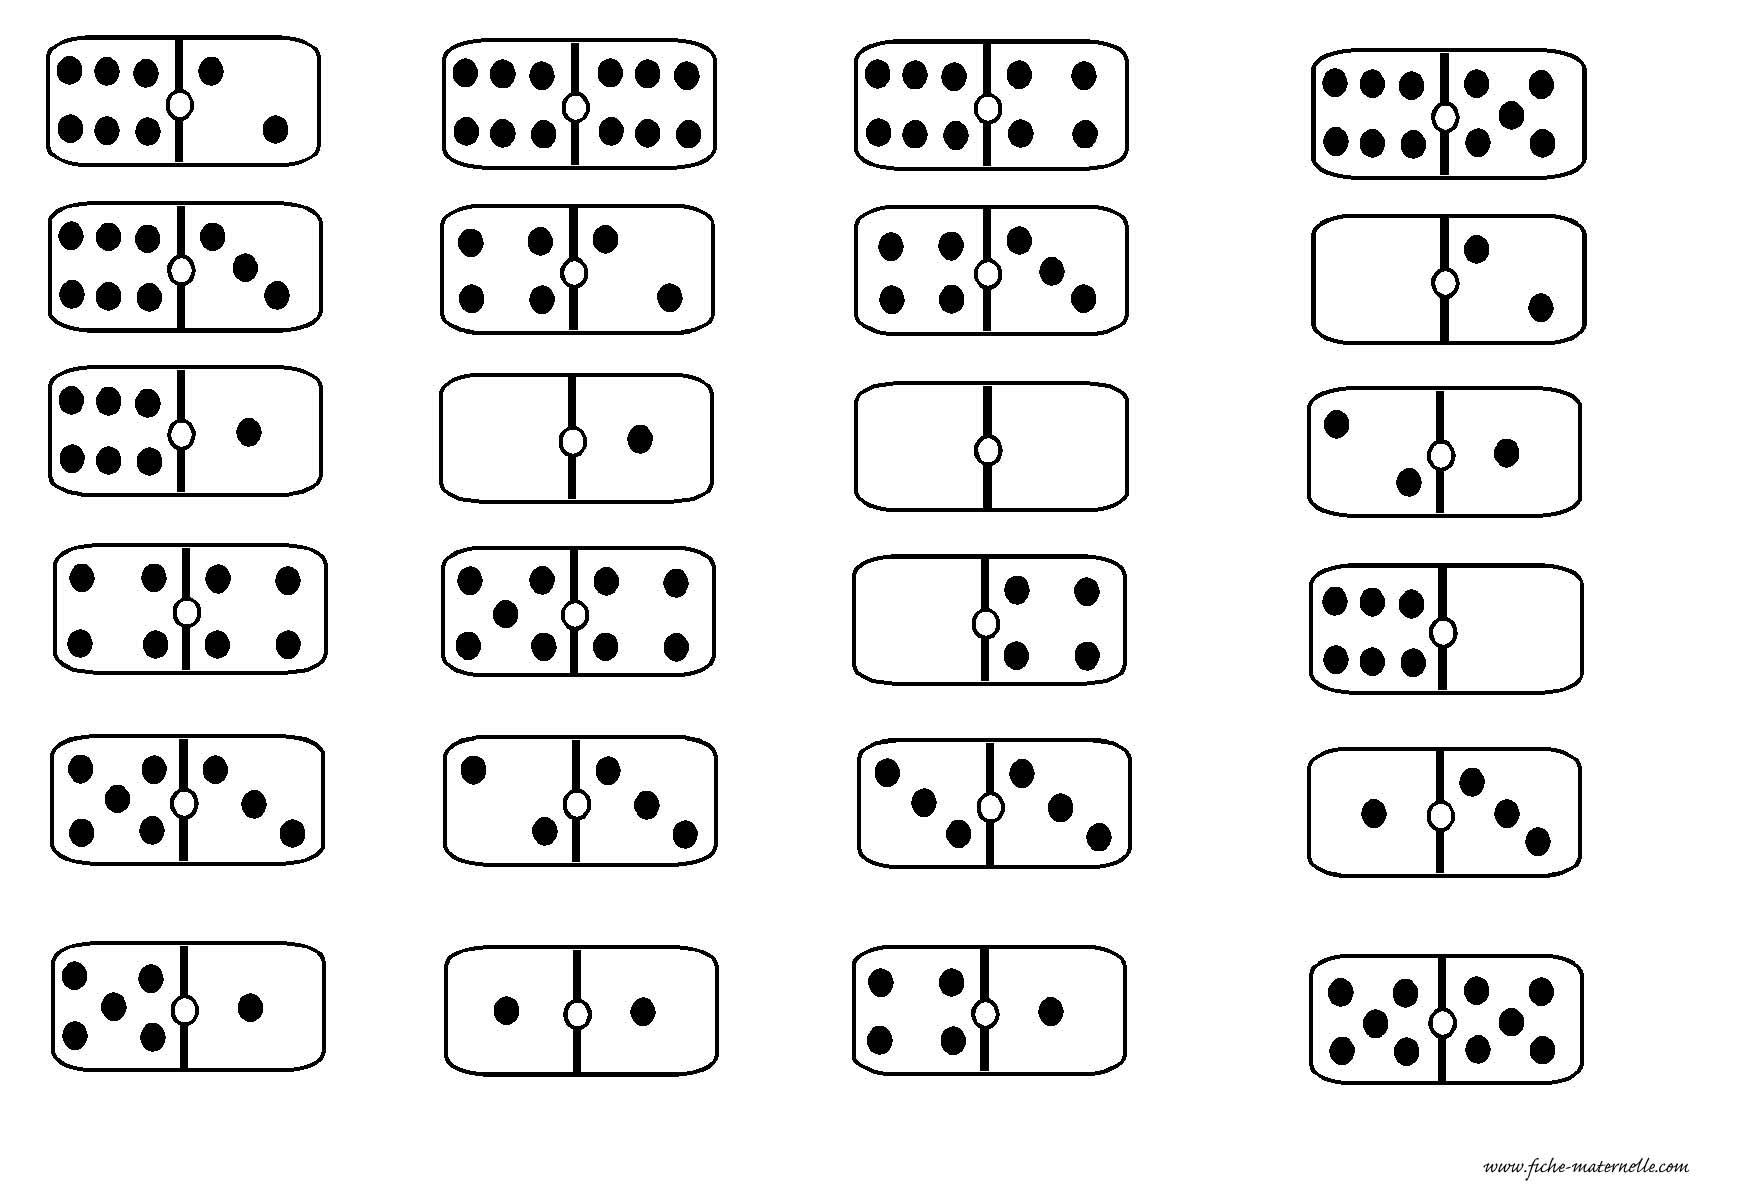 Des dominos en maternelle - Coloriage domino ...